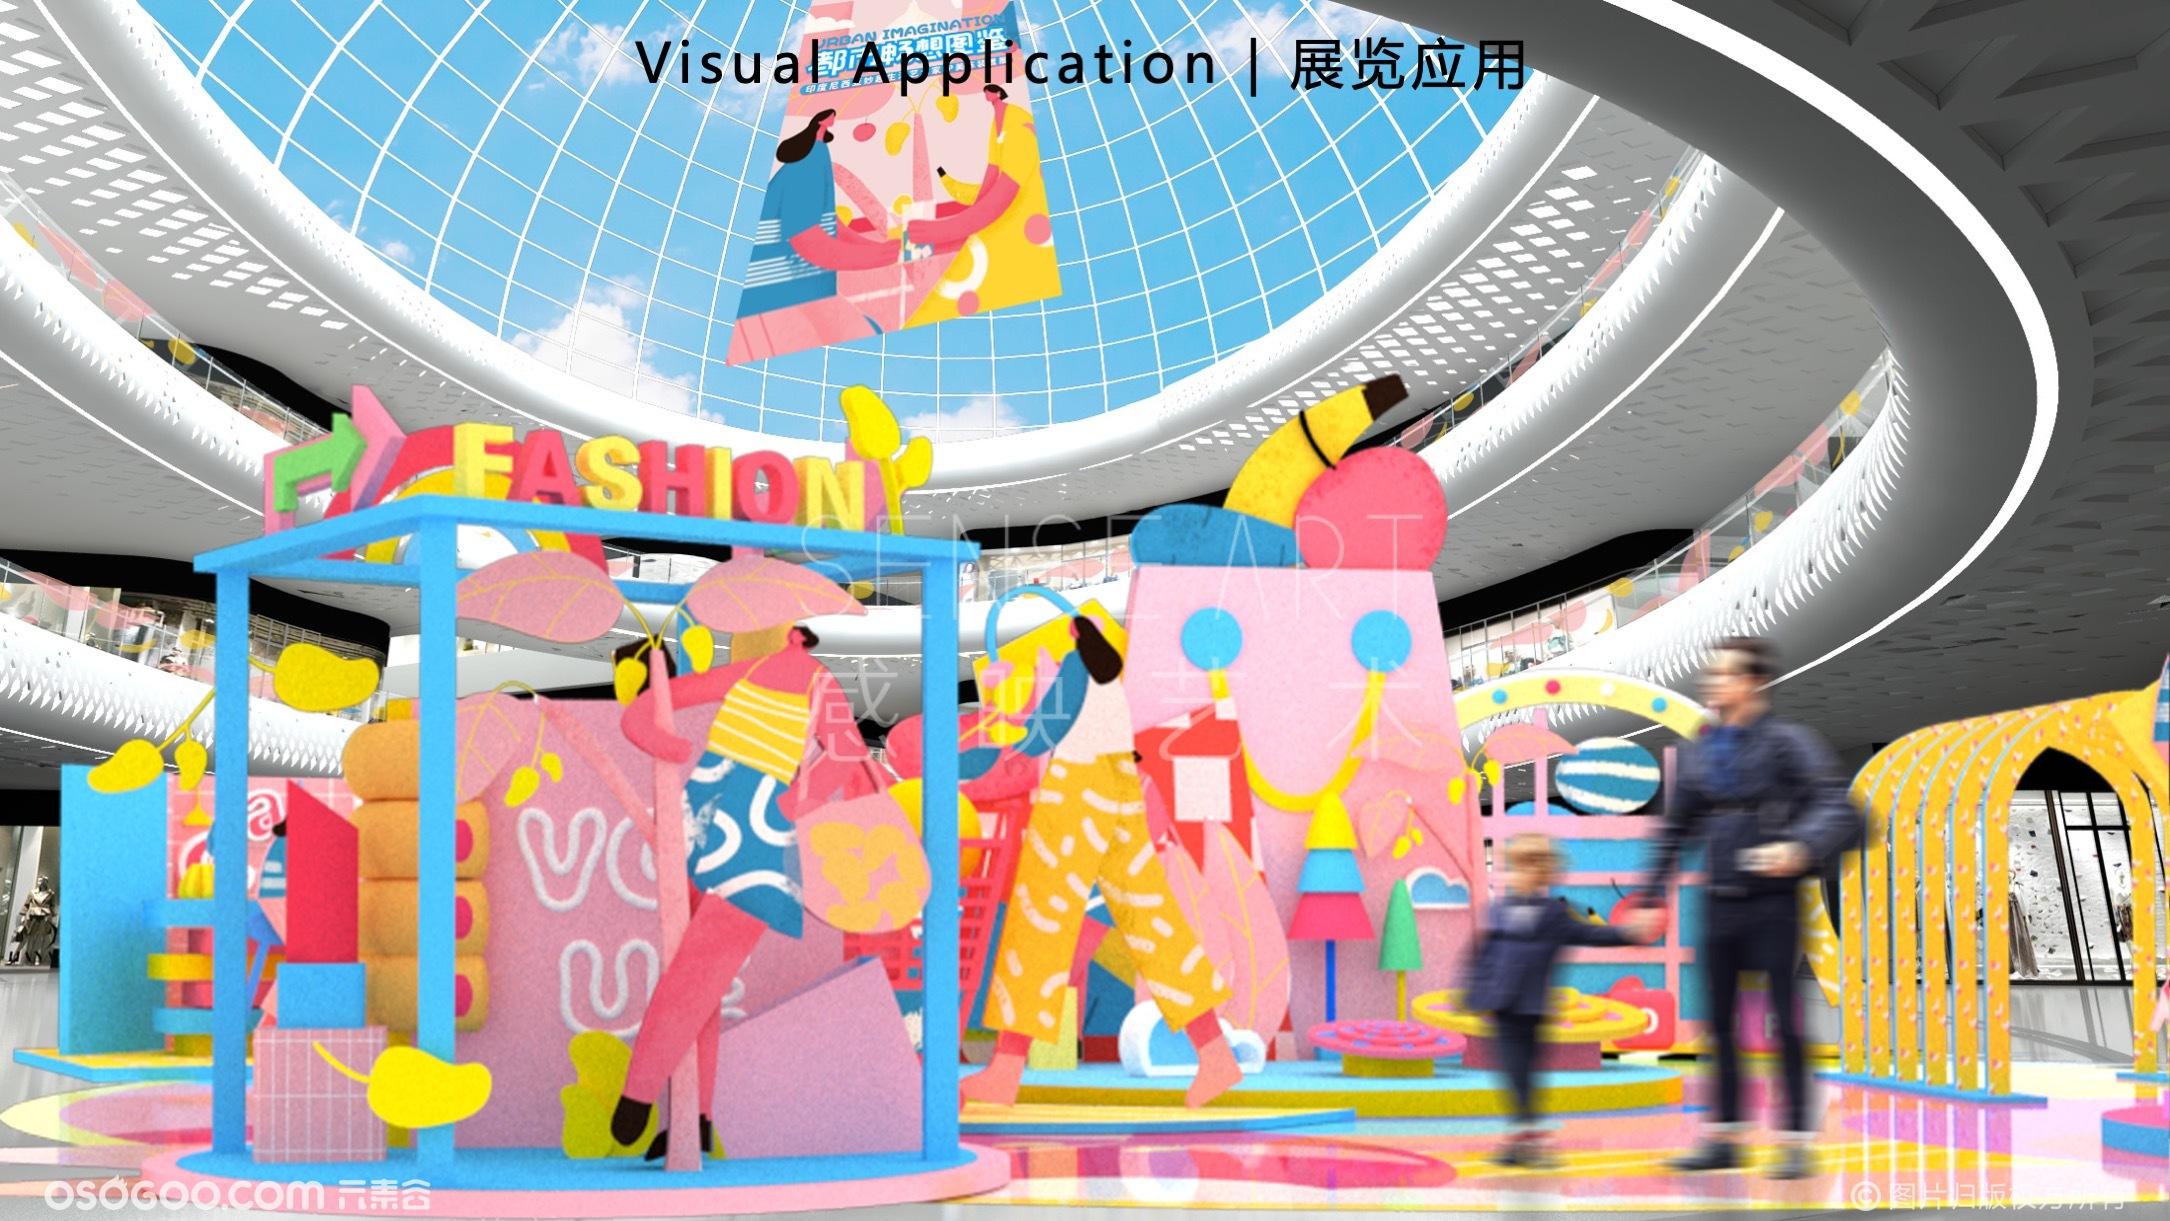 【都市畅想图鉴】印度尼西亚妙趣生活艺术家主题IP美陈装置展